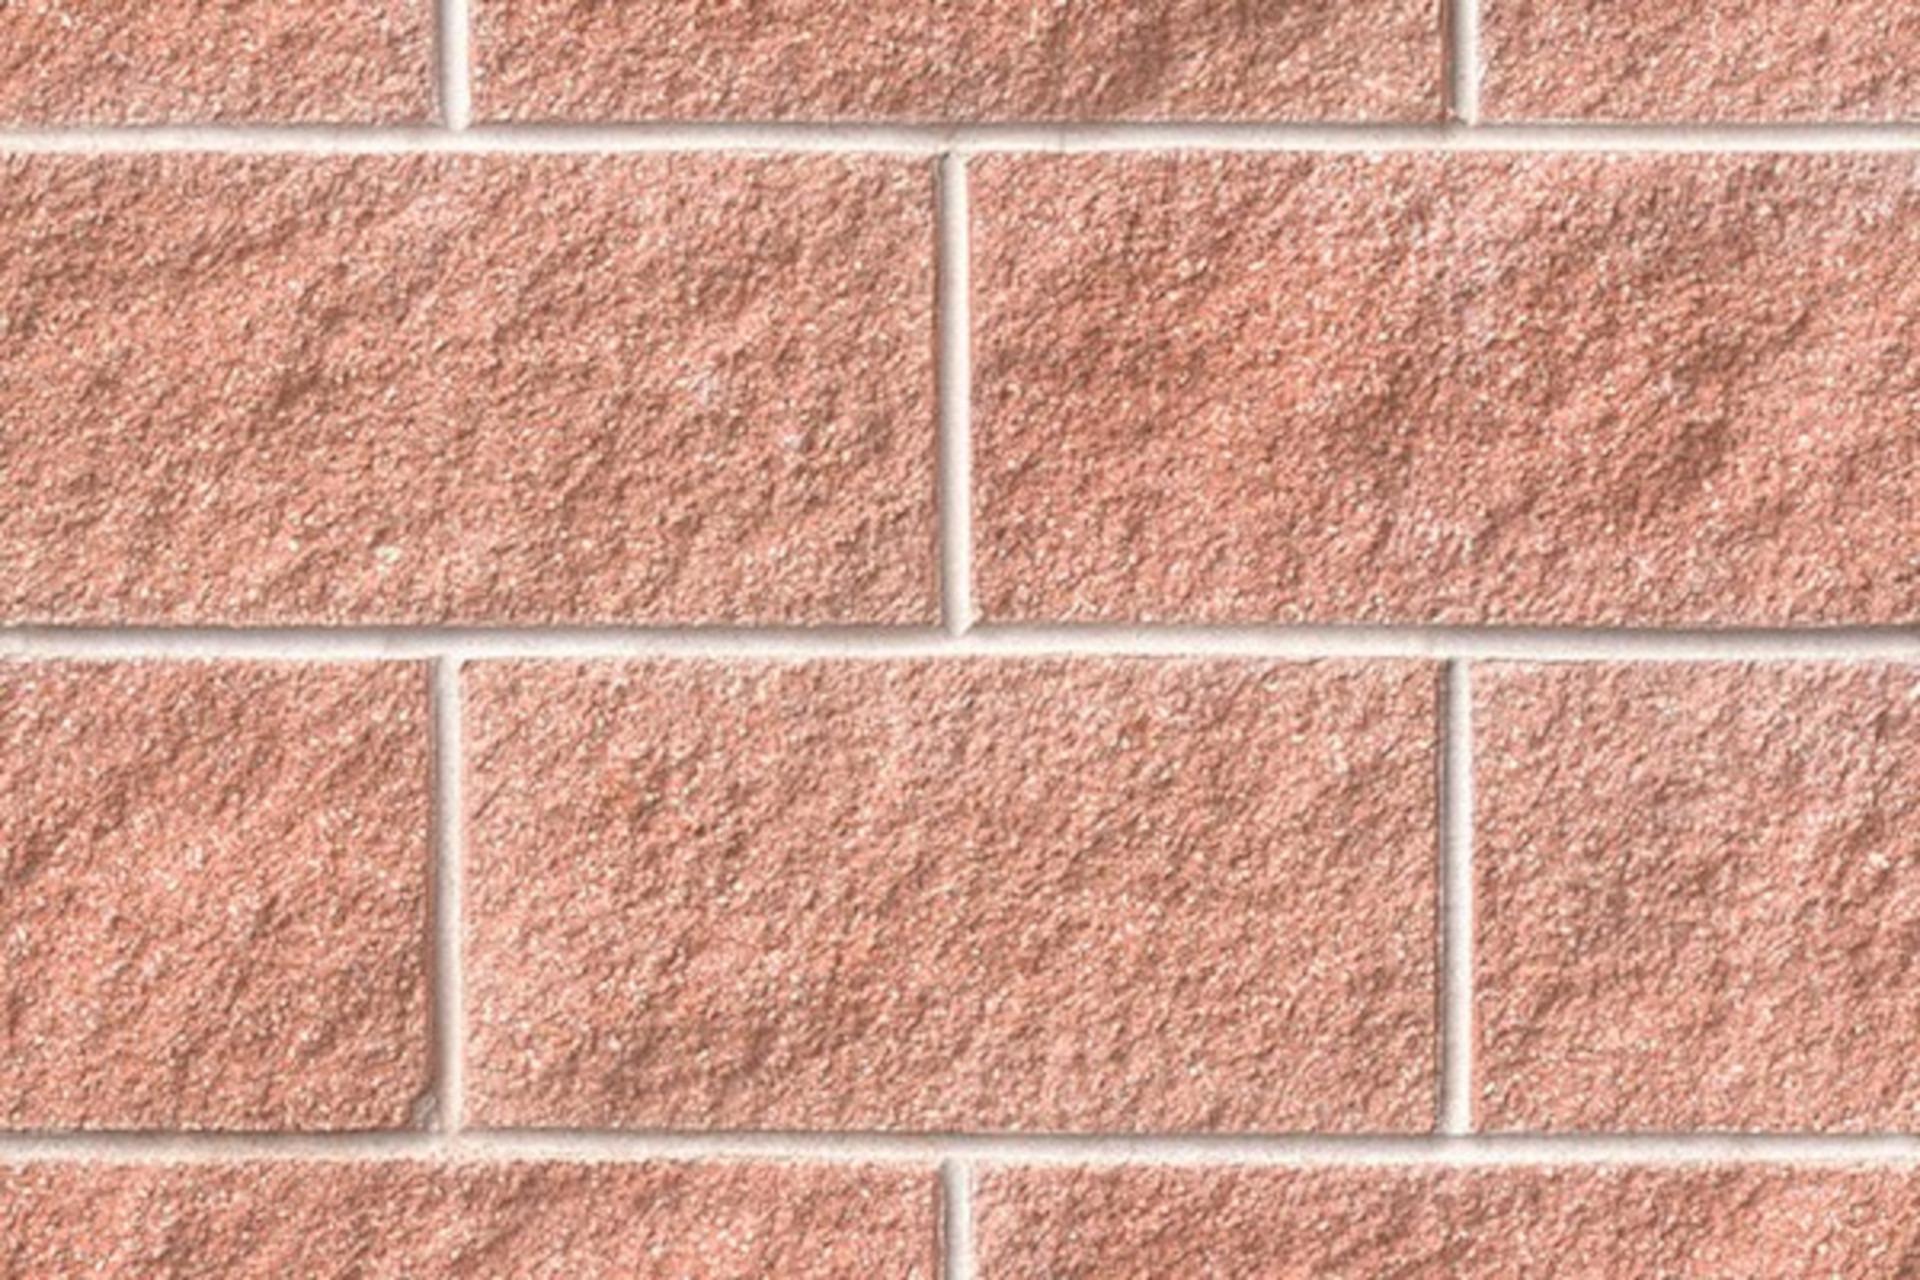 170 Misty Rosa Concrete Block